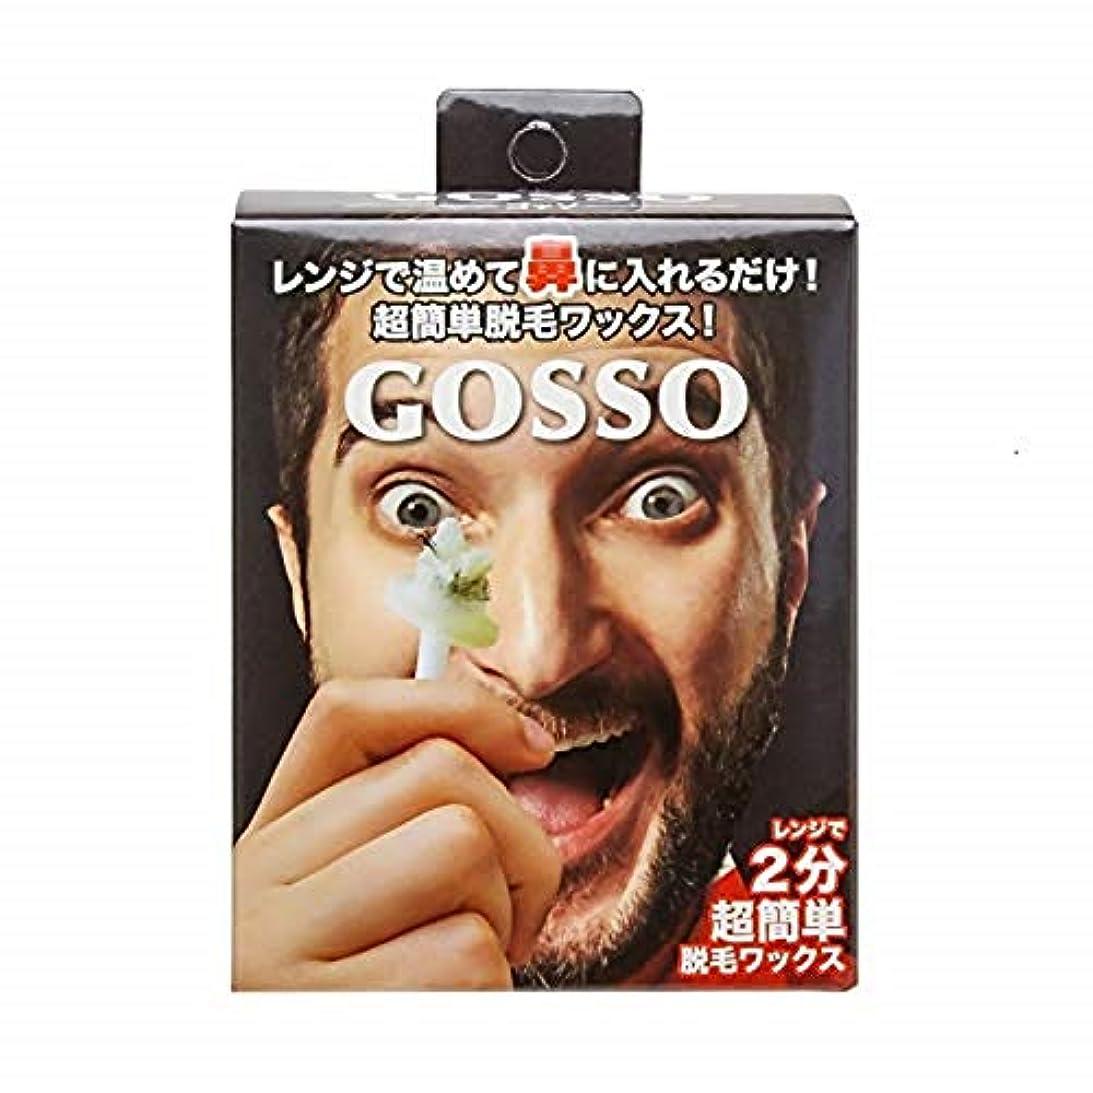 勃起タワーふりをするGOSSO ゴッソ (ブラジリアンワックス鼻毛脱毛セット) (セット, 1個)